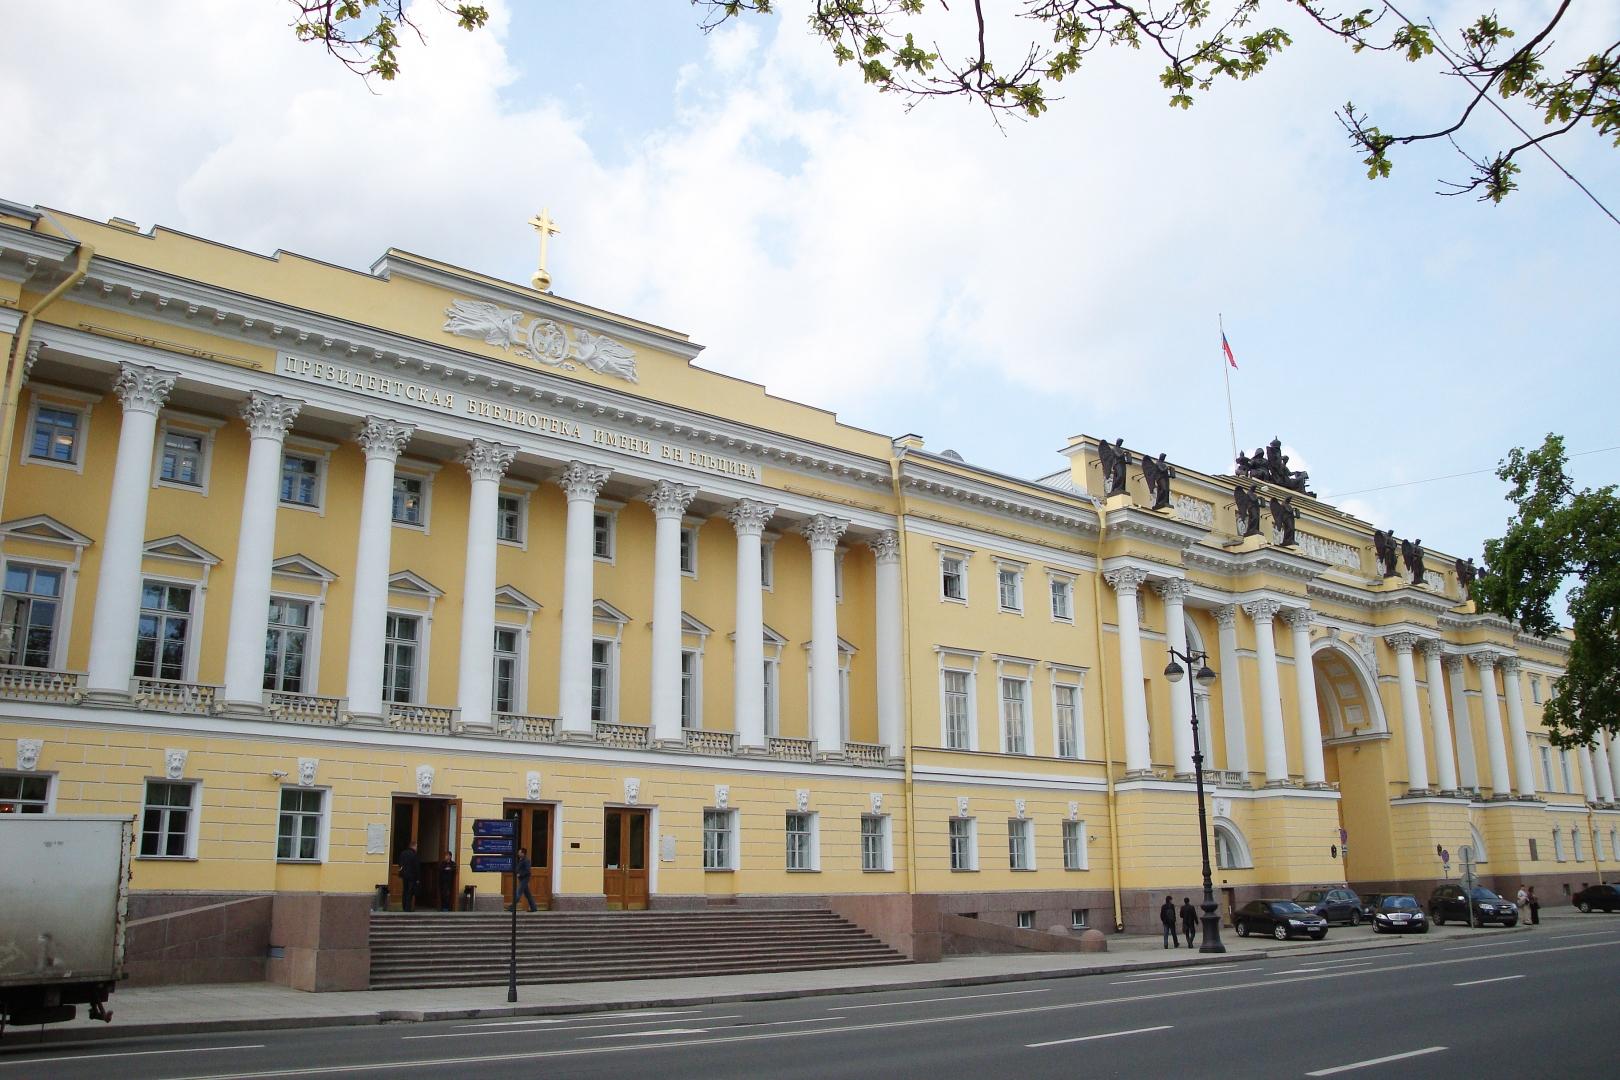 Президентская библиотека им. Б. Ельцина, Санкт-Петербург